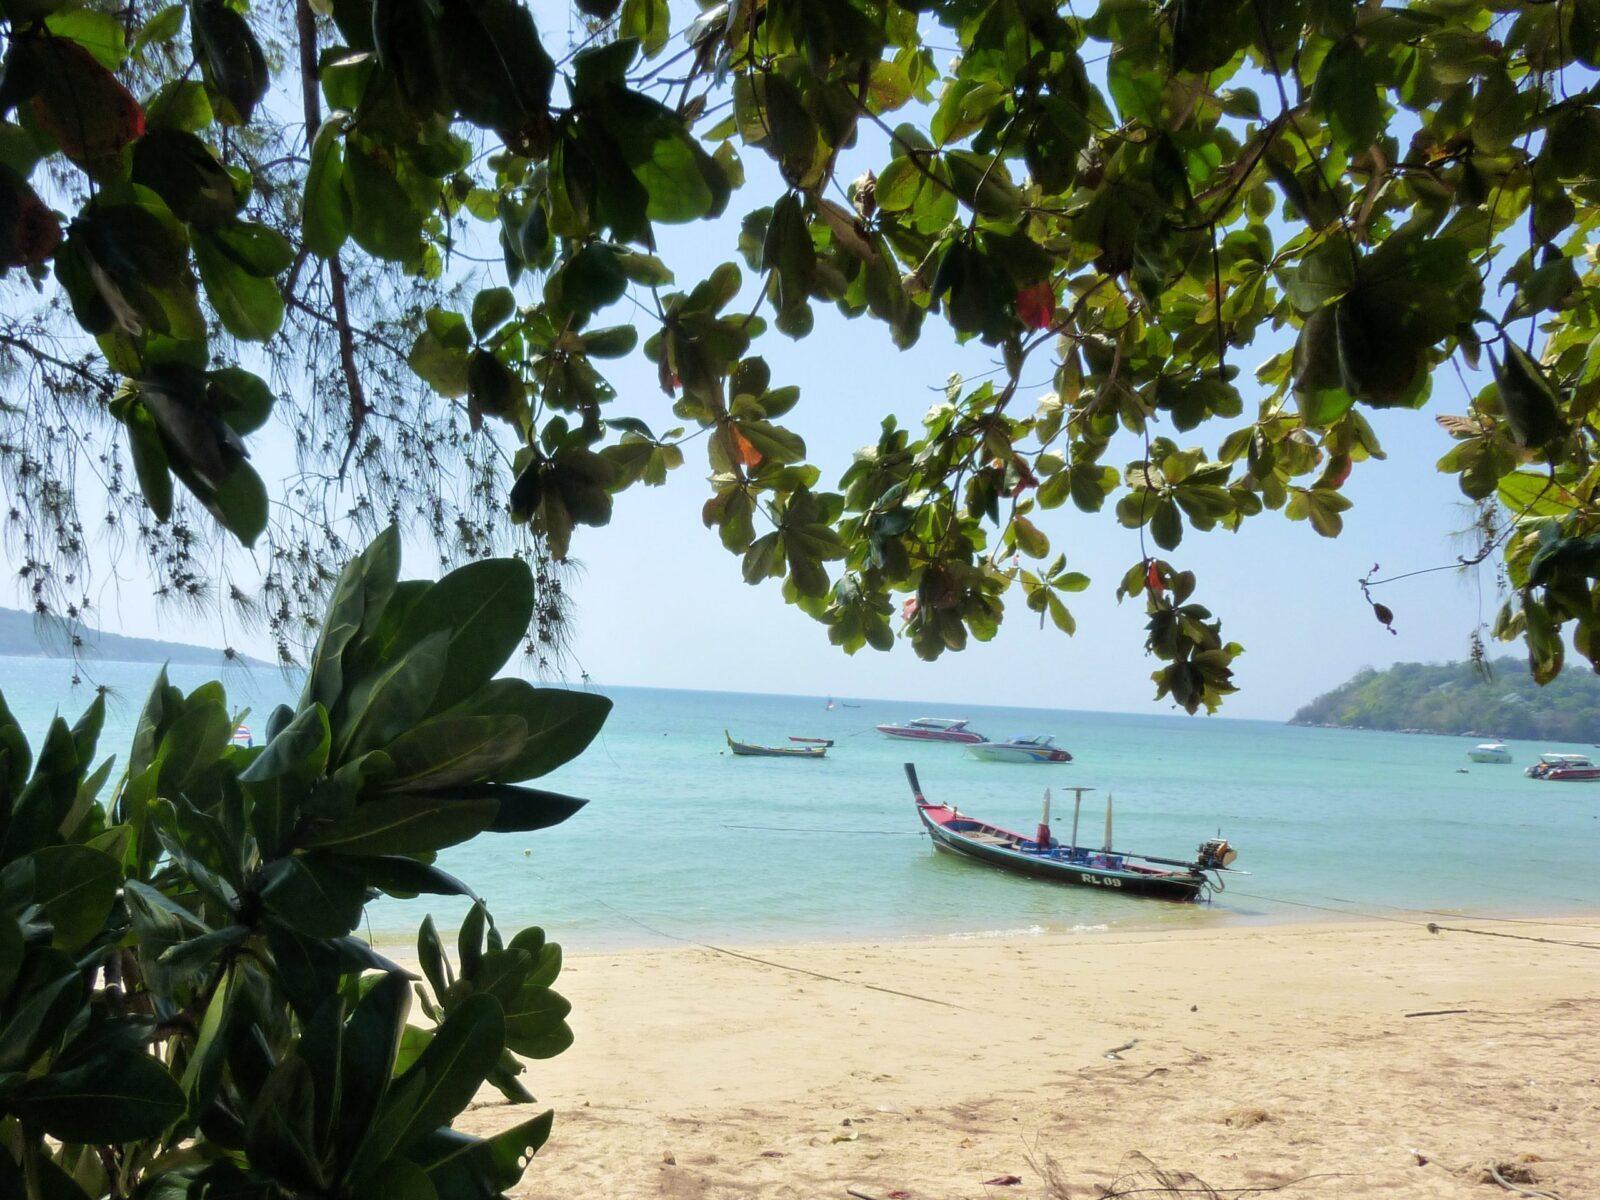 Немного информации о пляже Раваи